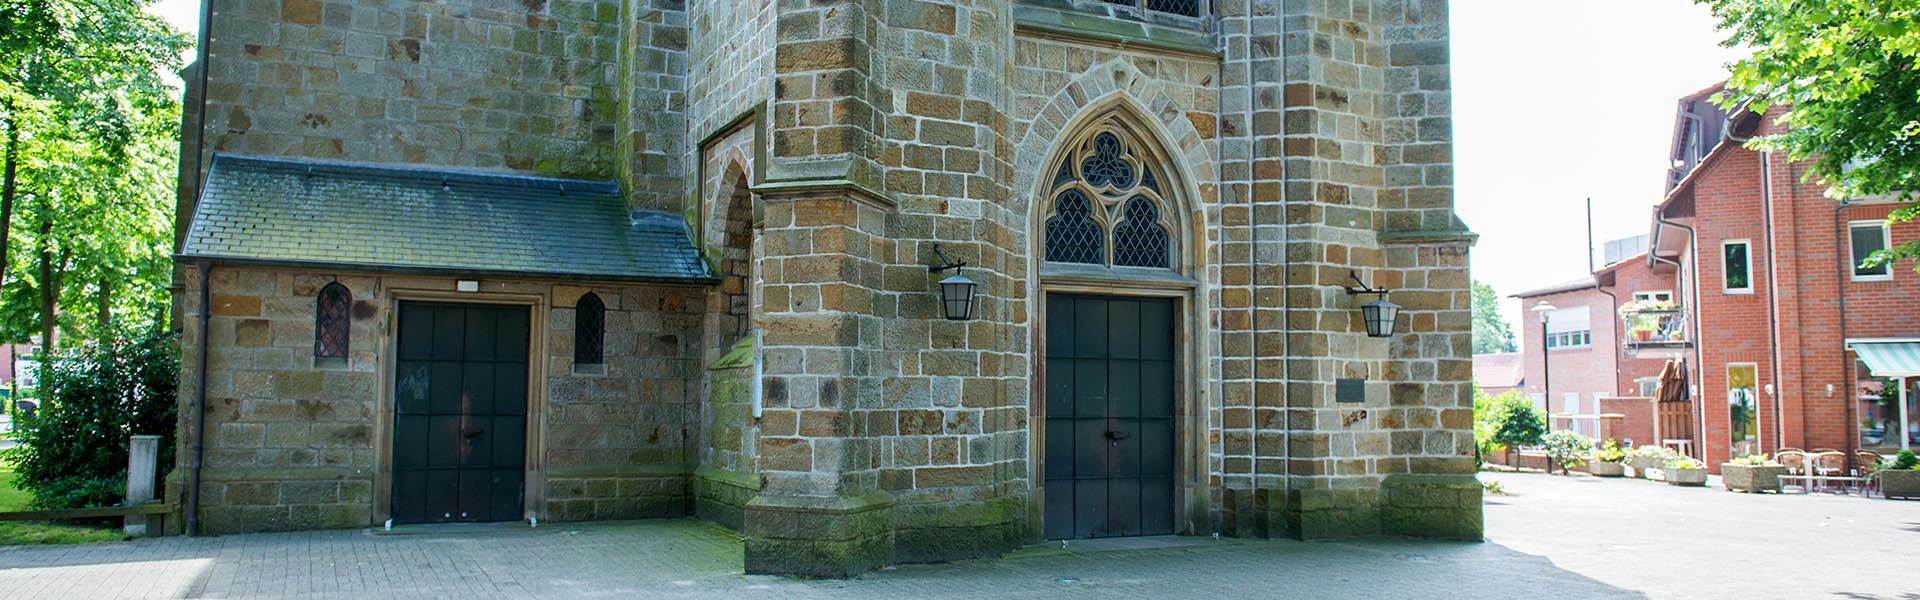 St. Johannes Bapt. in Mesum